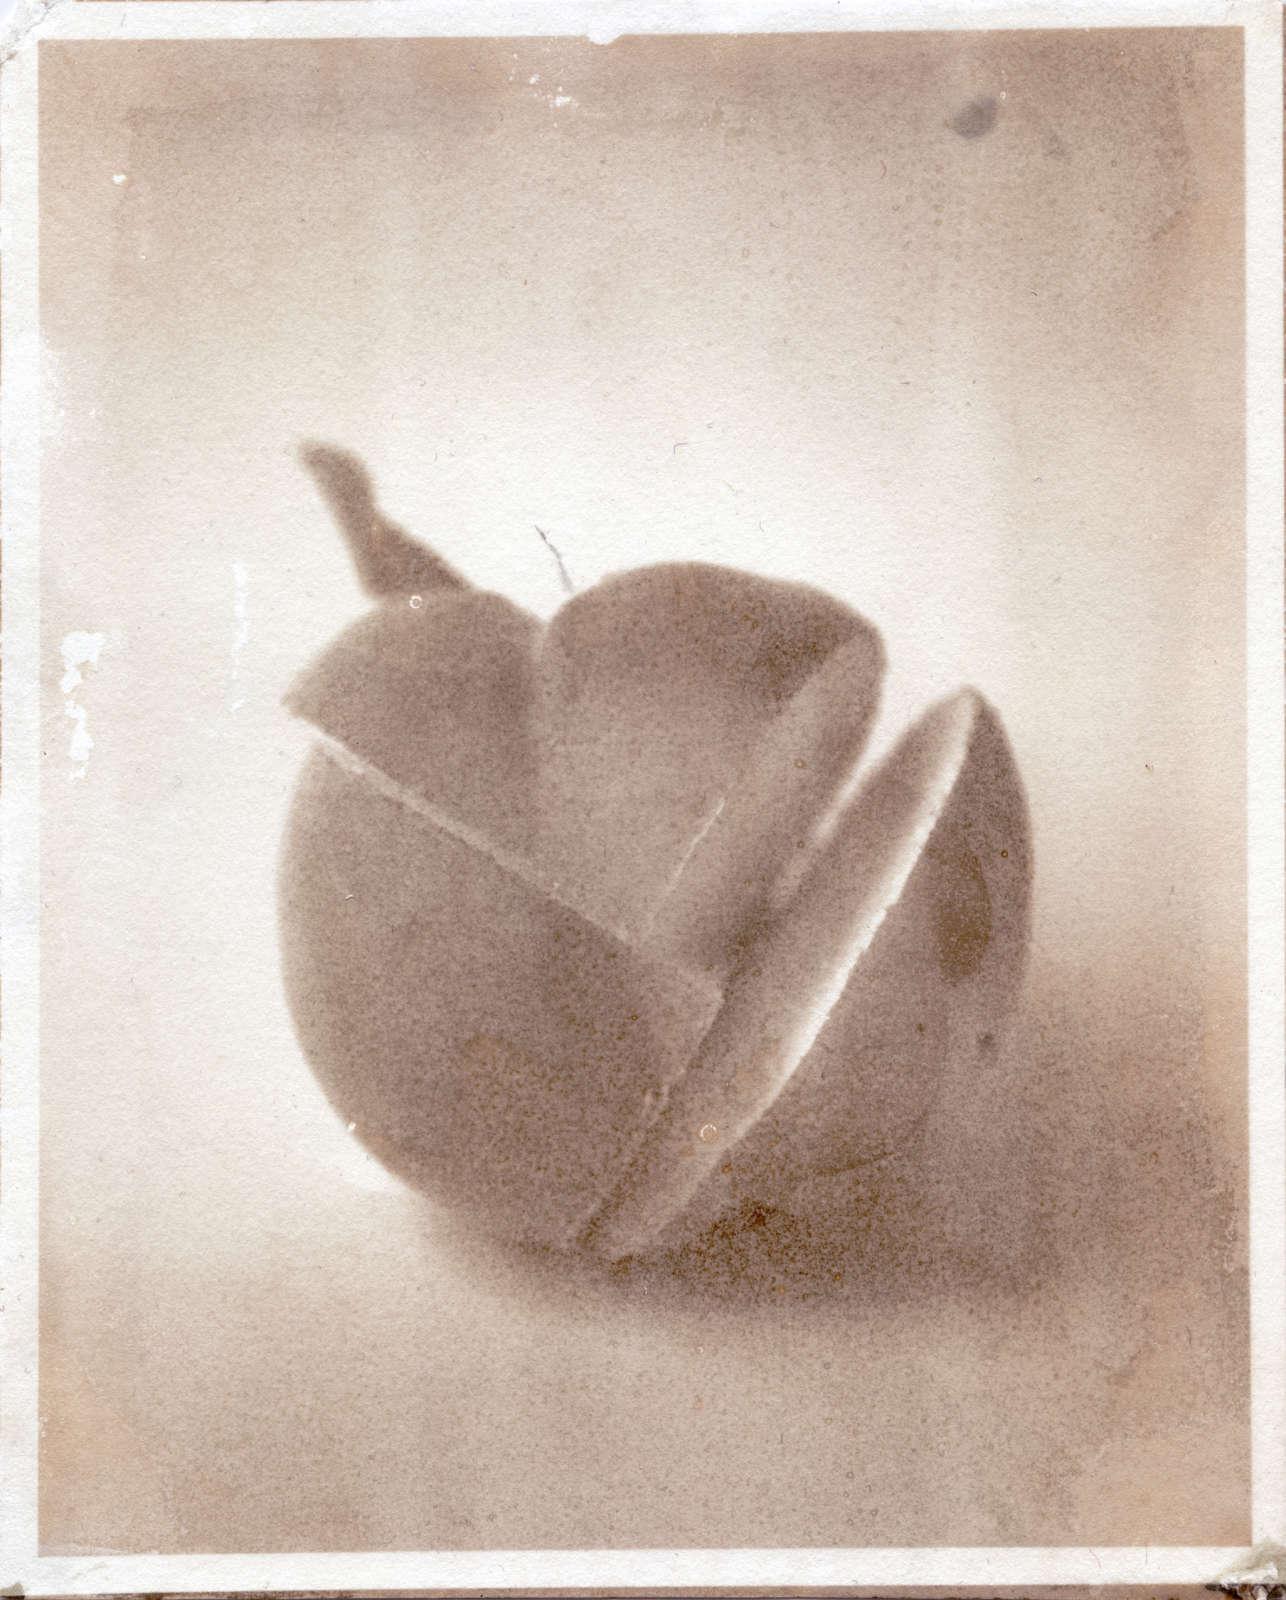 Matthew Brandt, Peaches, 11B, 2017